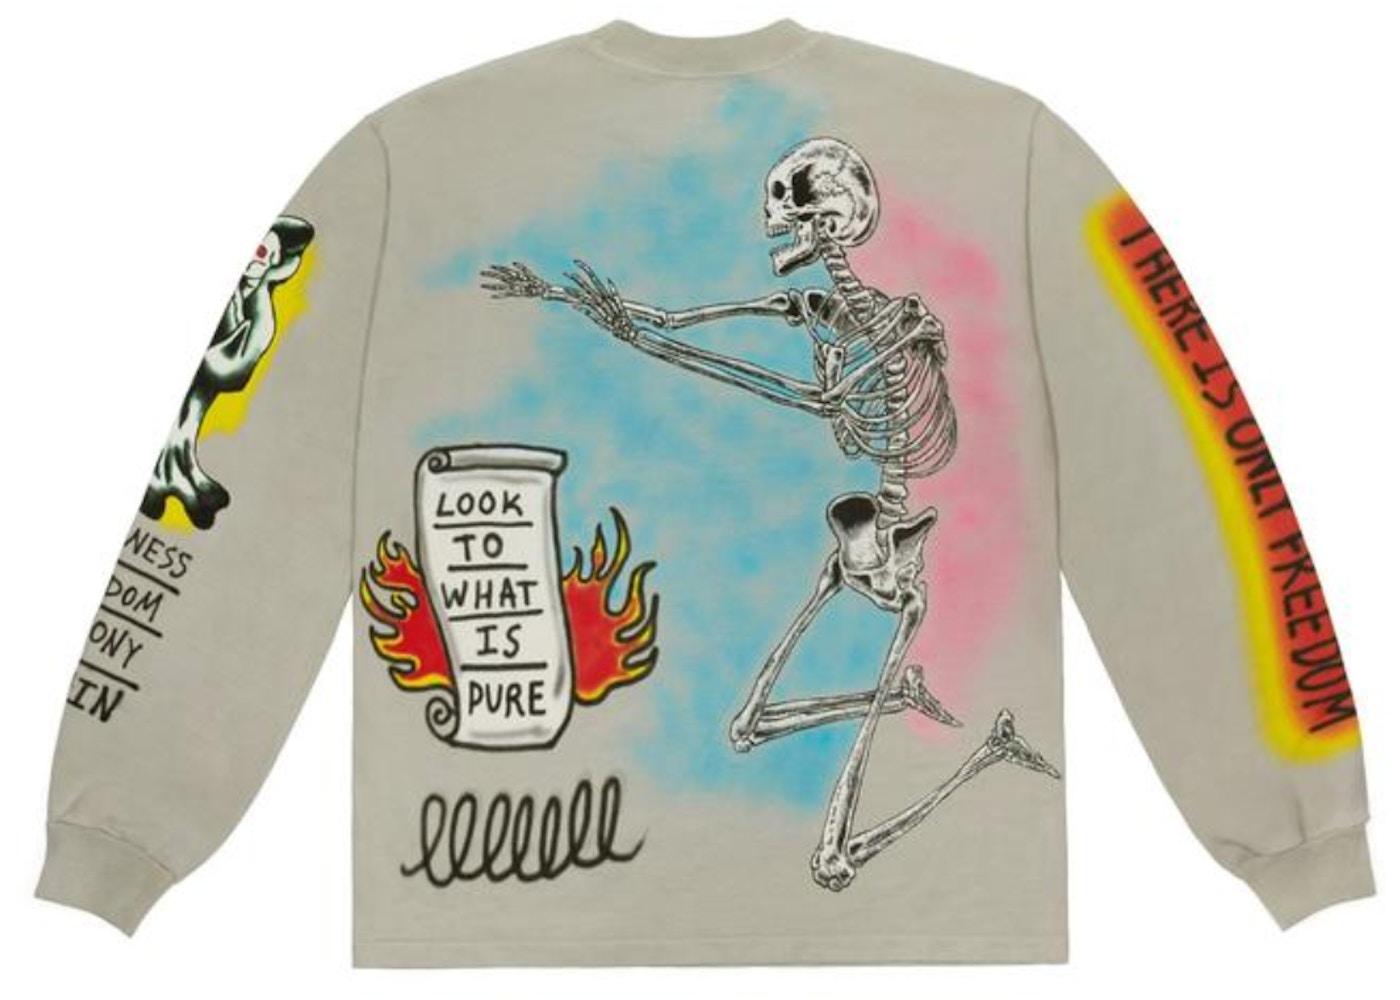 Artist Merch Kanye West - Buy & Sell Streetwear